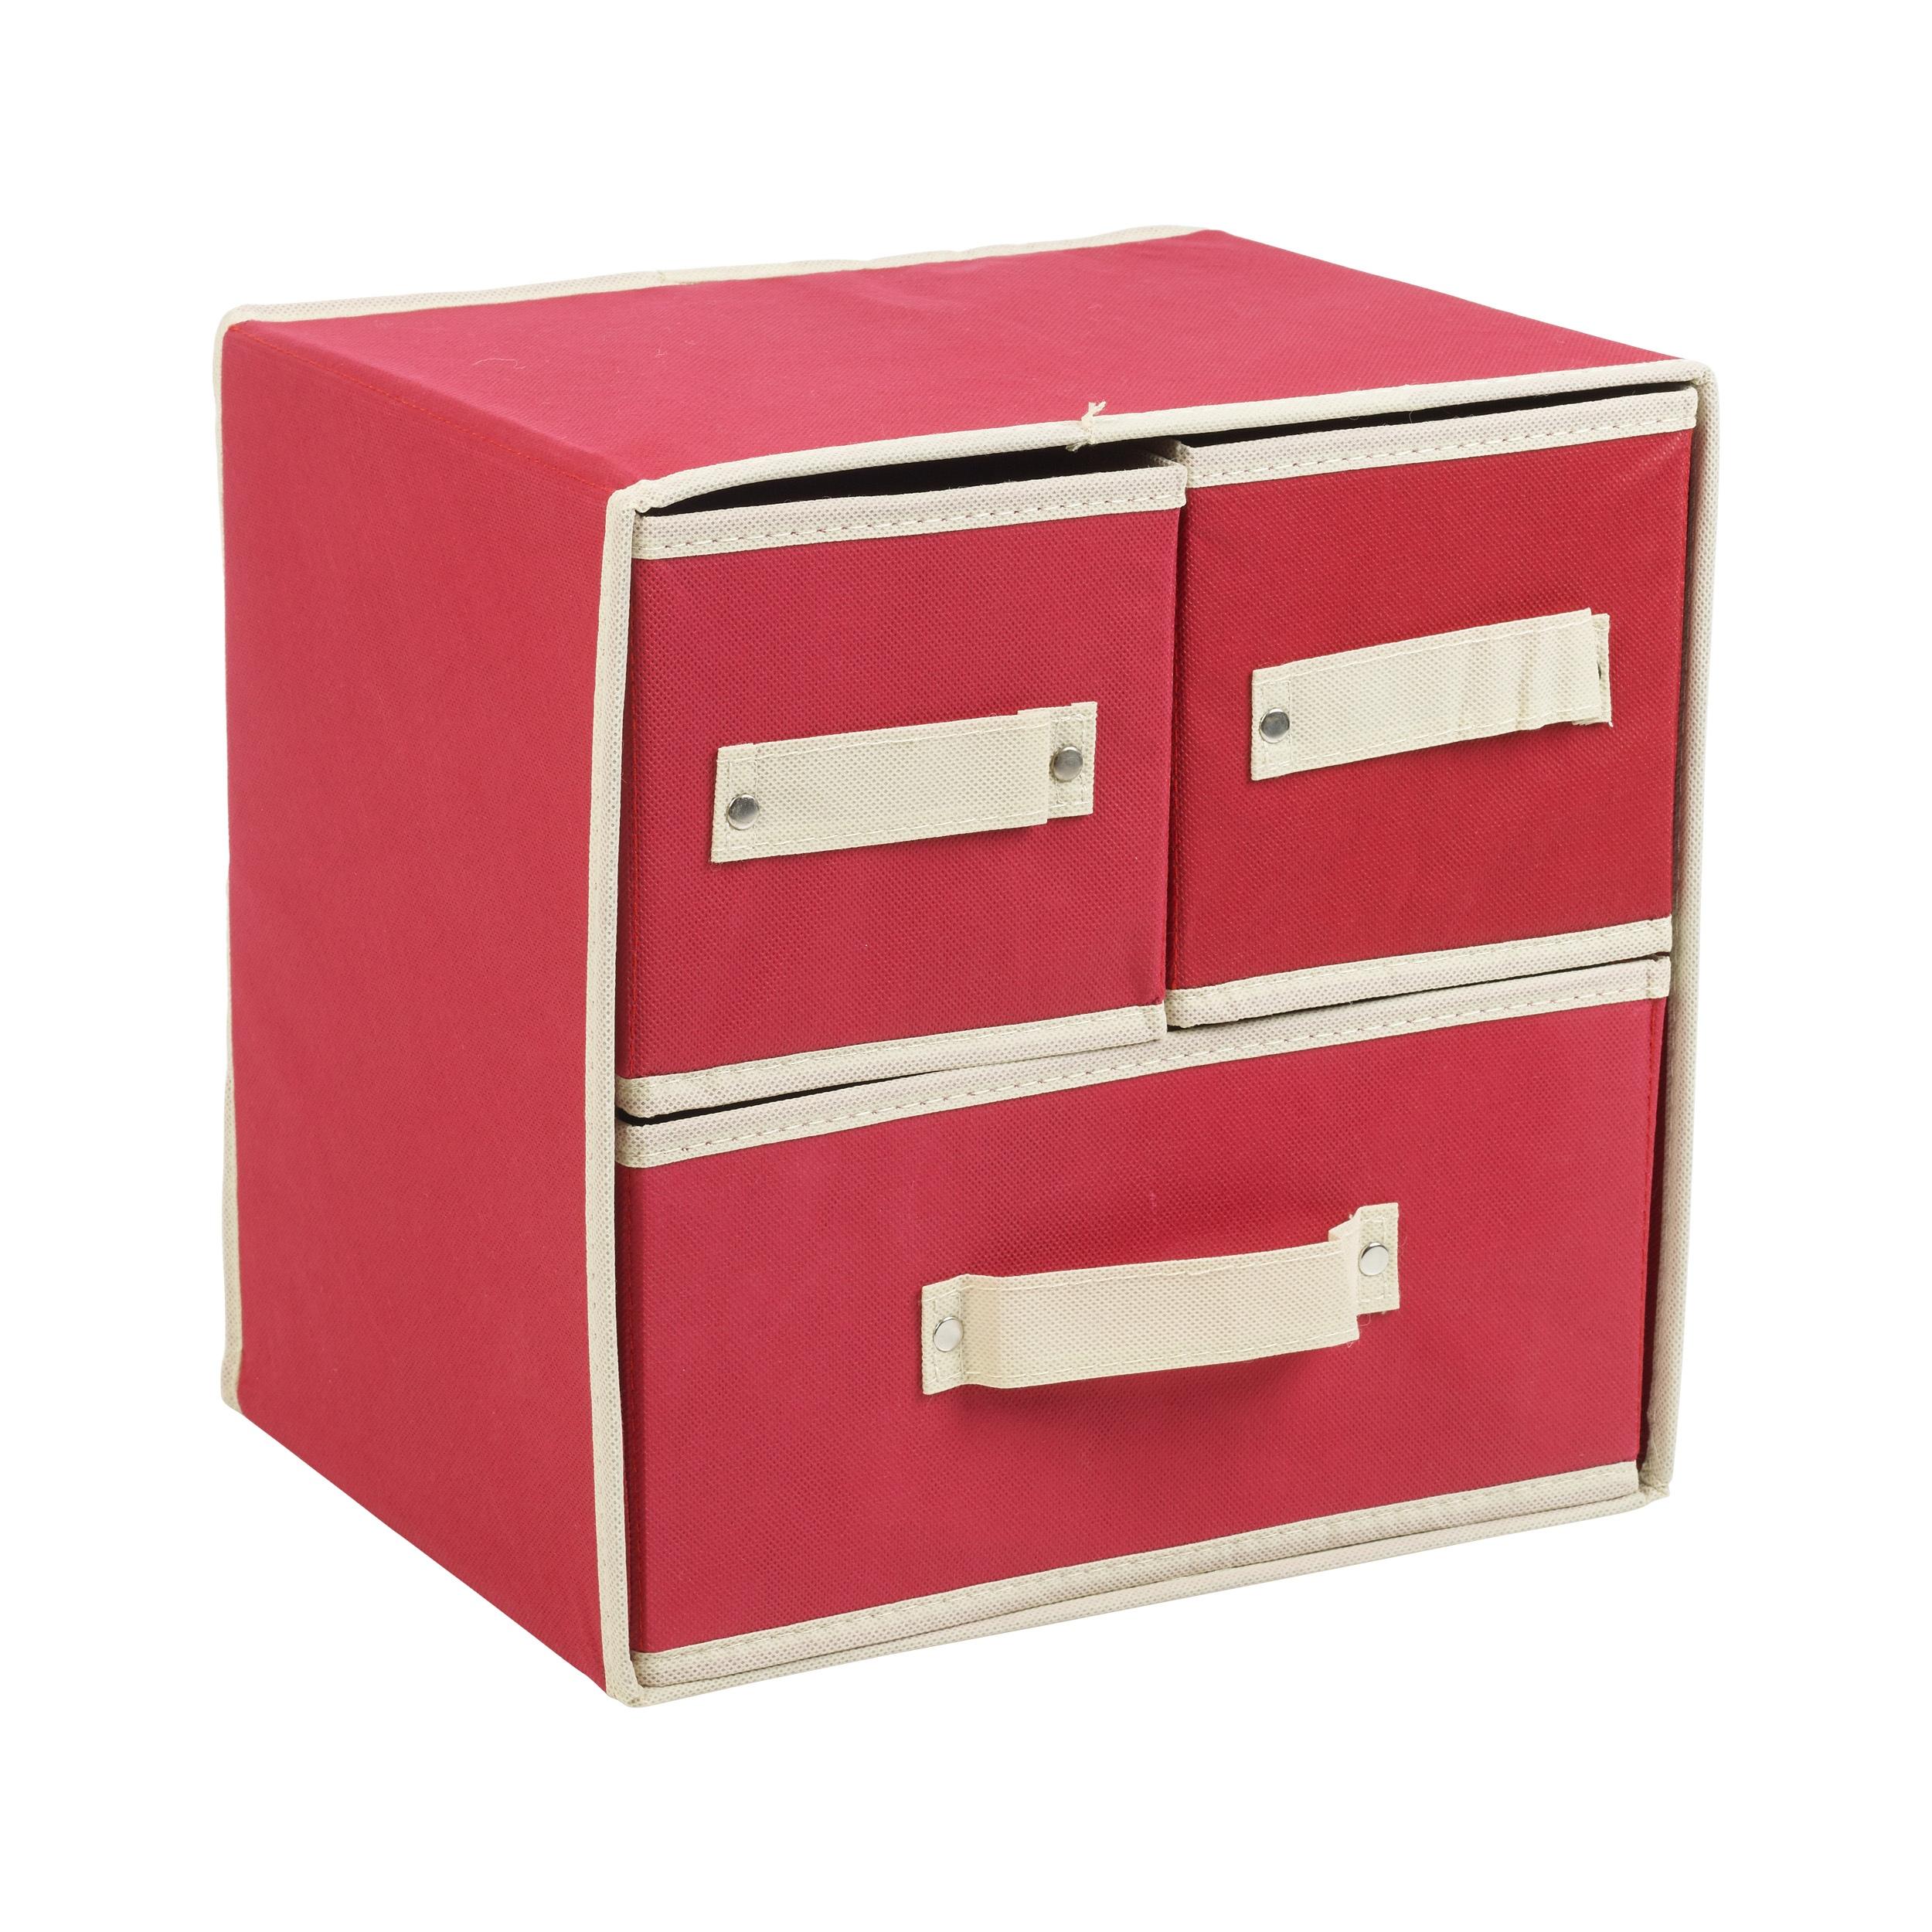 klappbar stoff 3 schublade aufbewahrungsboxen beh lter bohrerspitzen bobs ebay. Black Bedroom Furniture Sets. Home Design Ideas